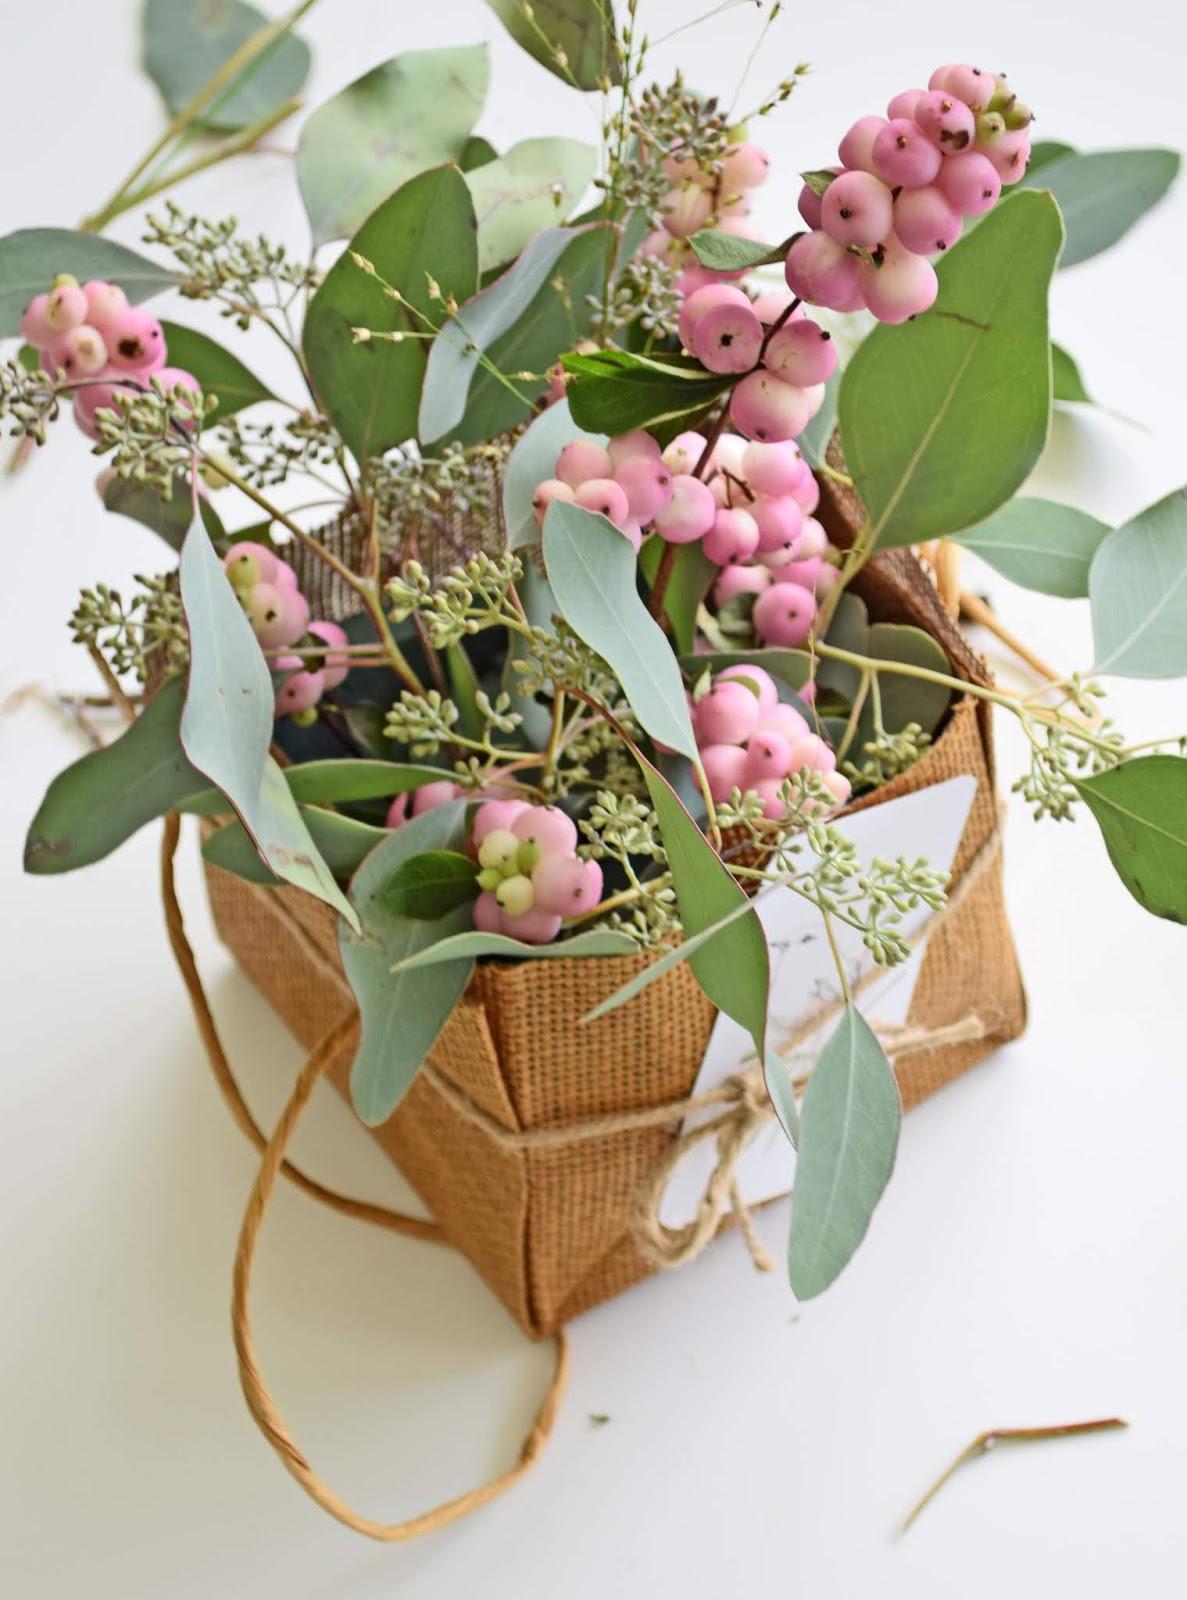 arrangement for a GIFT